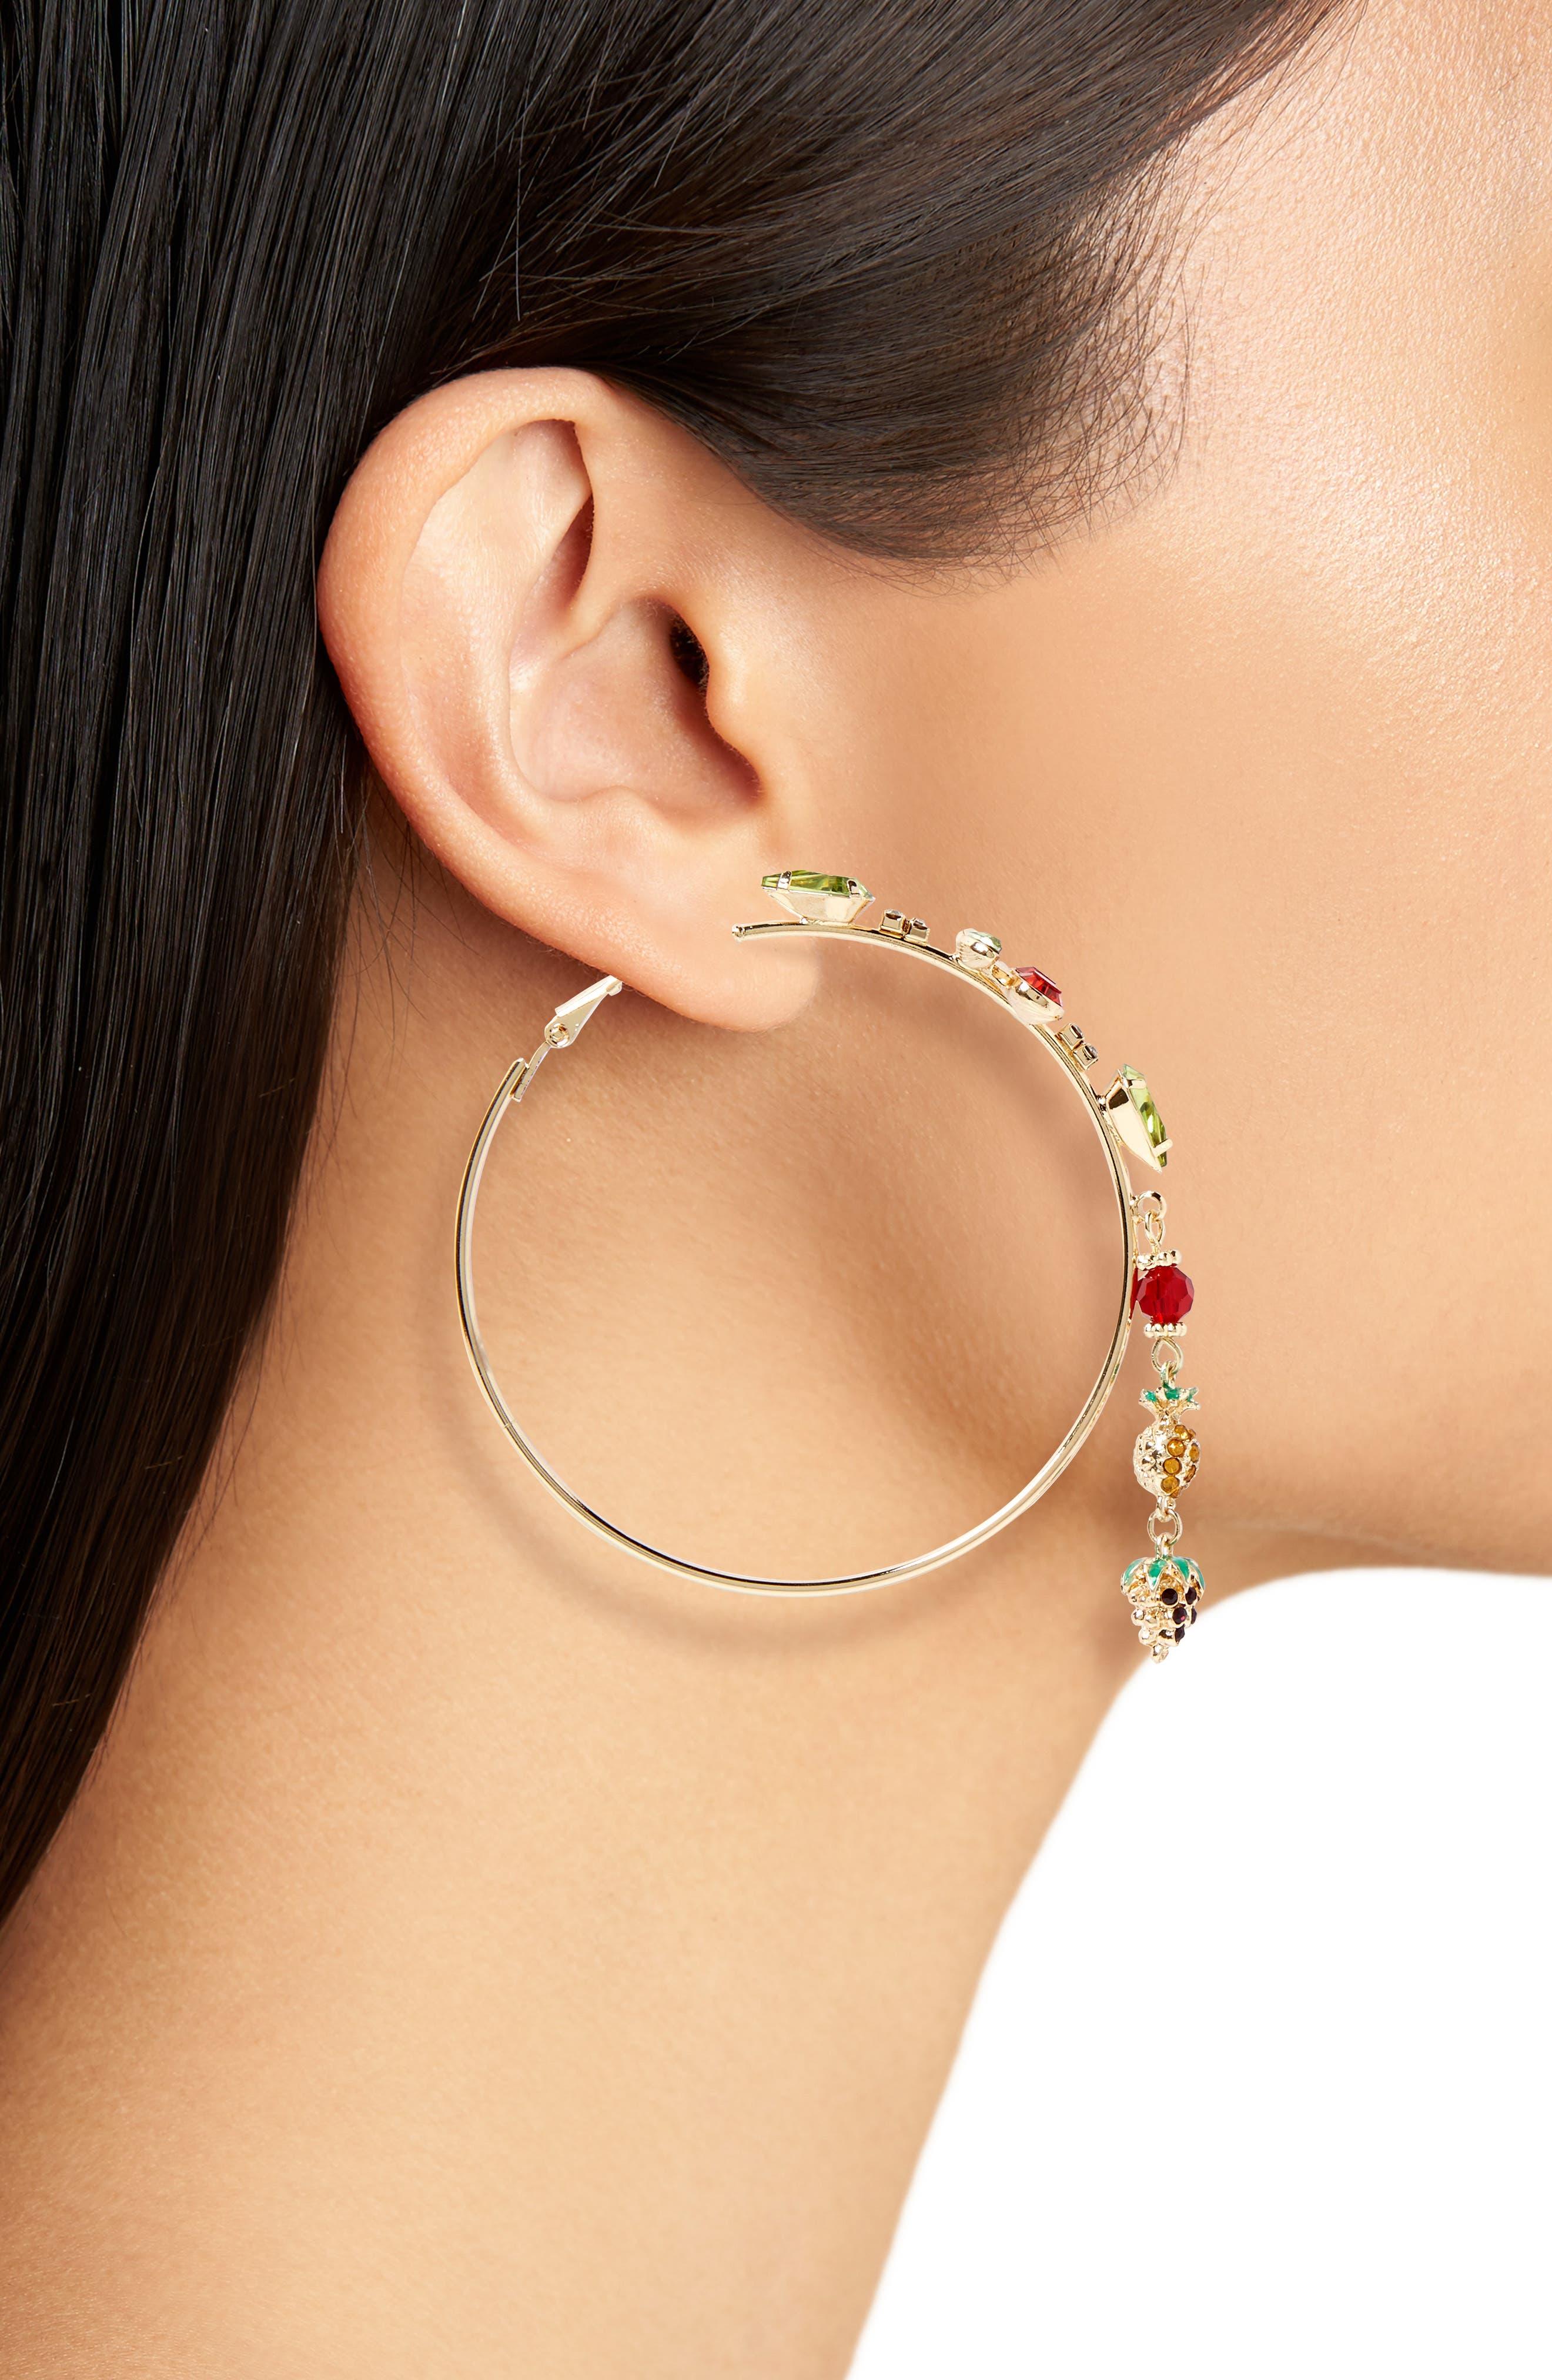 Tropical Hoop Earrings,                             Alternate thumbnail 2, color,                             710